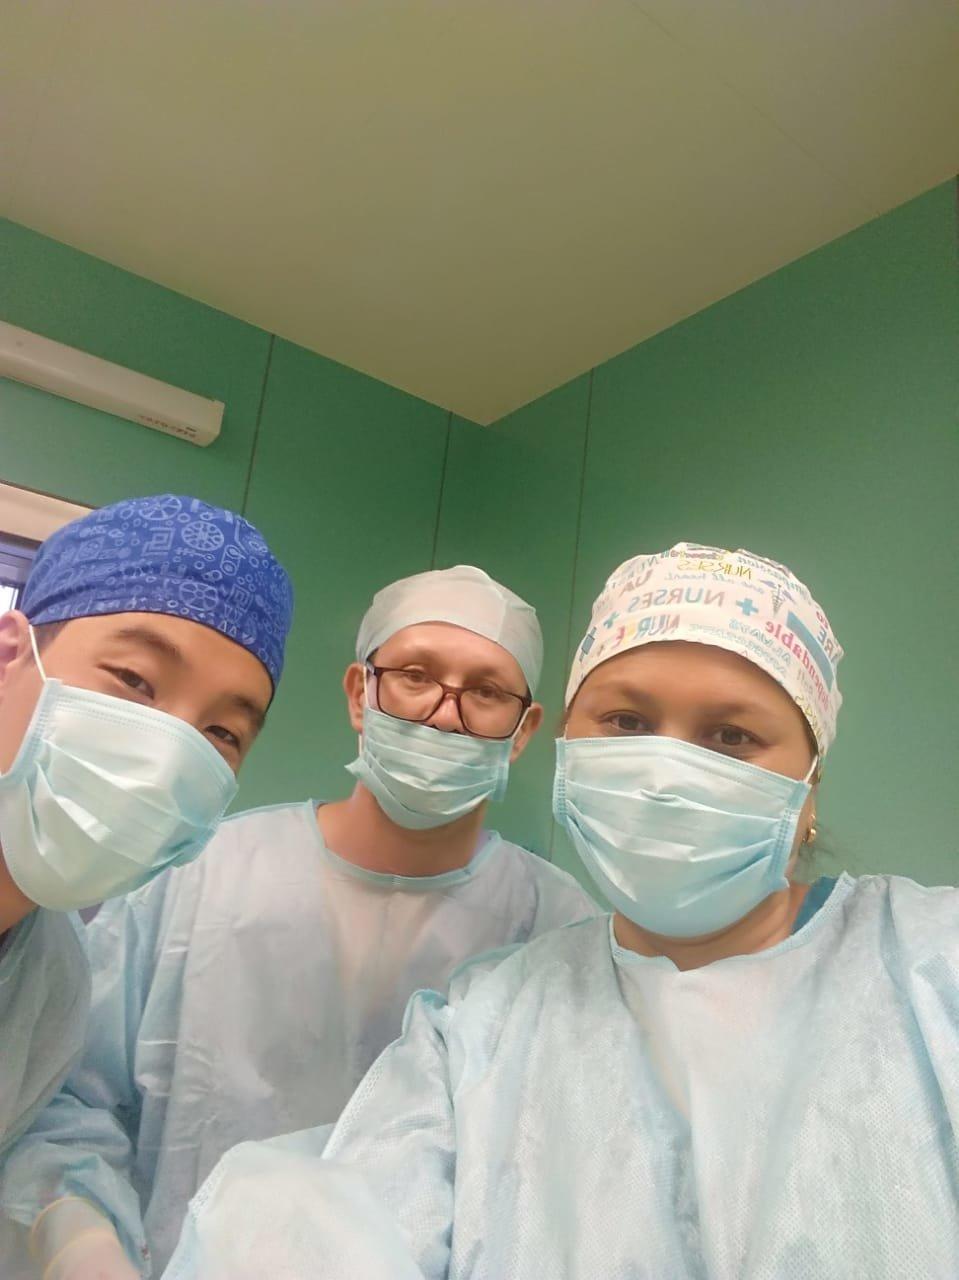 Врачи алматинской больницы извлекли пулю из головы мужчины, фото-2